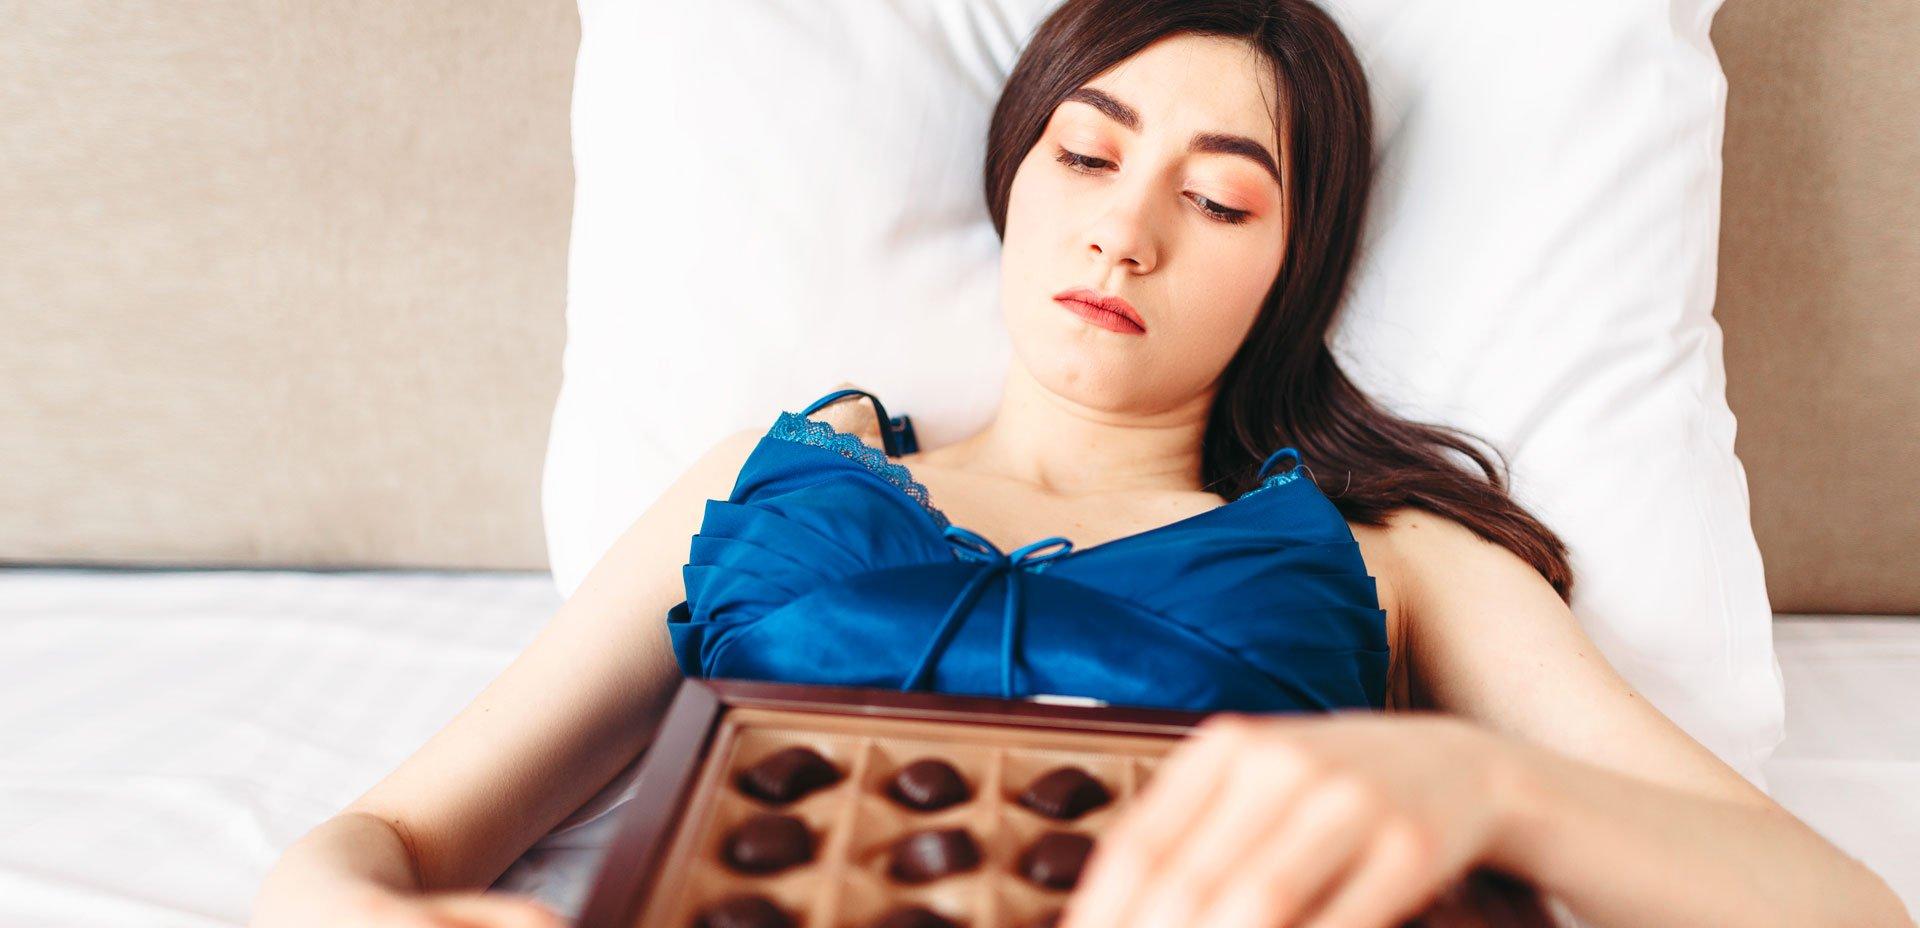 donna stressata e chioccolato